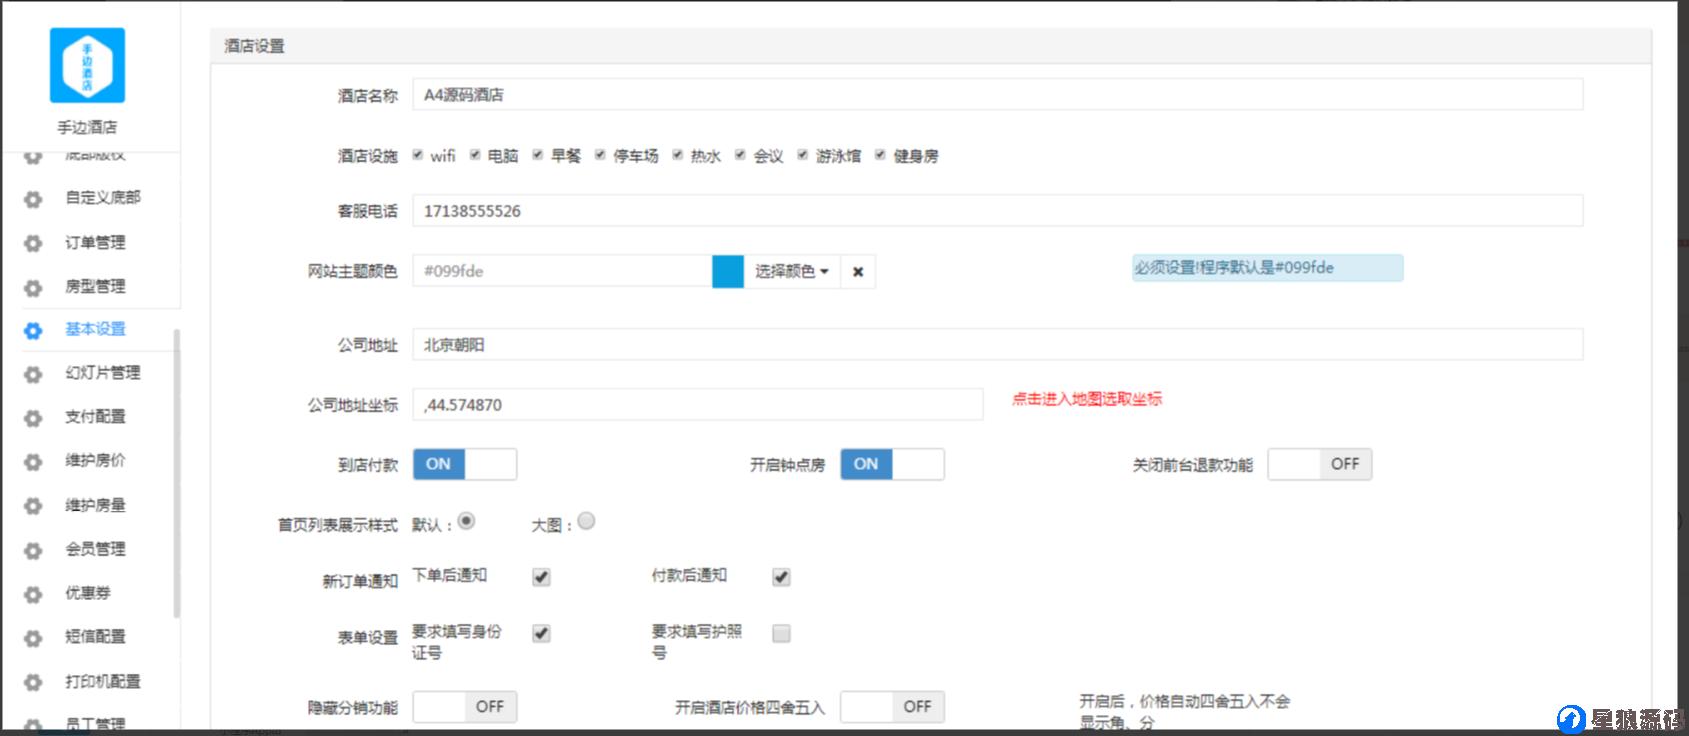 手边酒店V25.0.28全插件开源运营版小程序(星狼已测试) 第4张